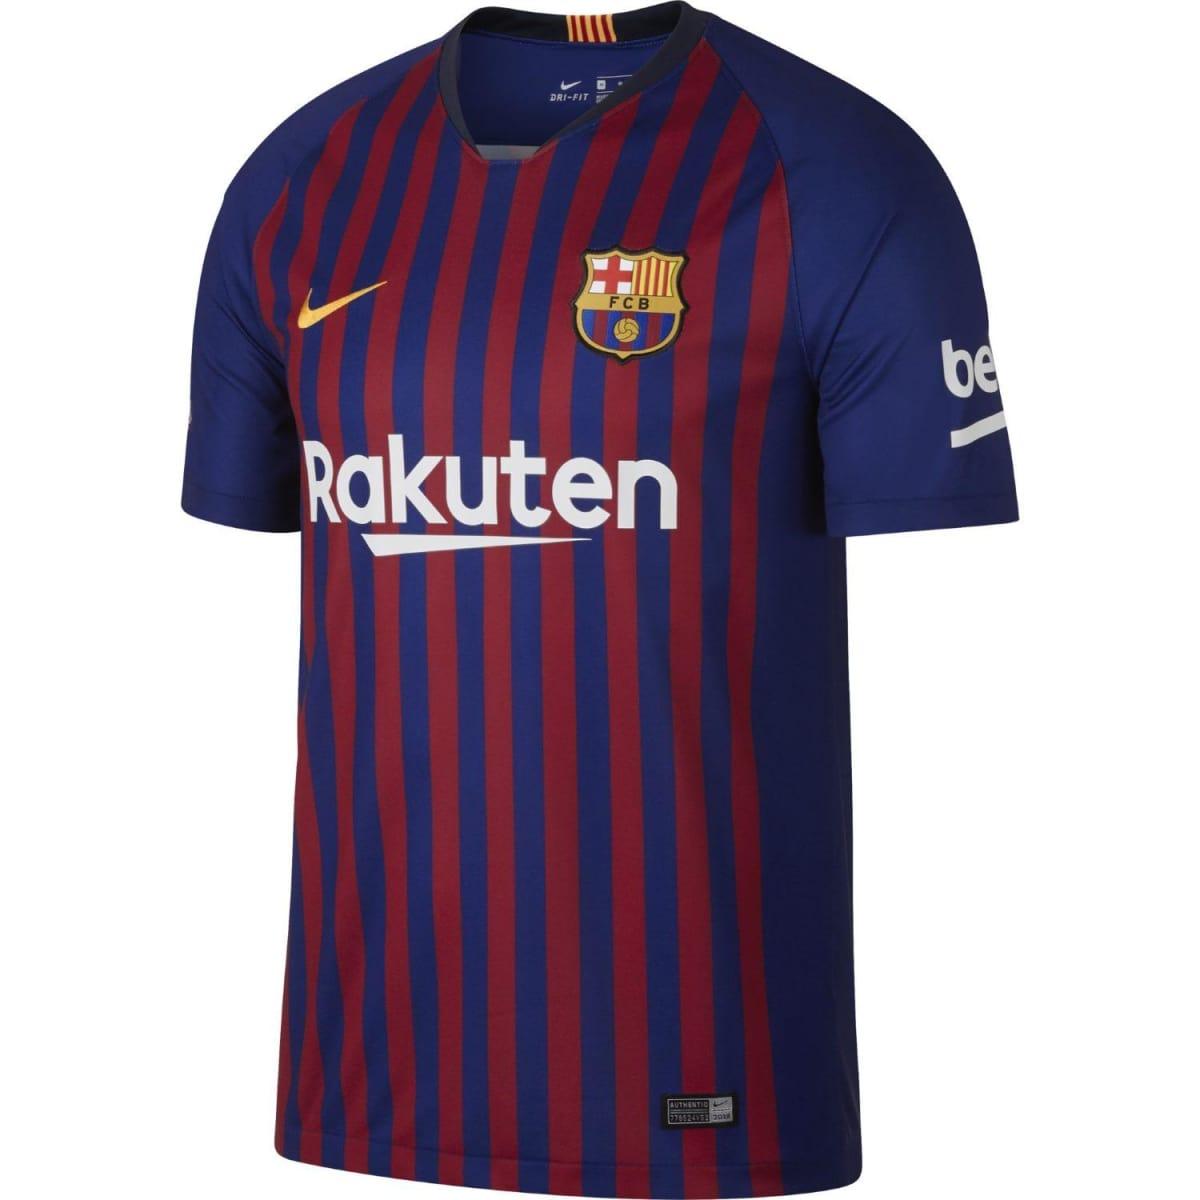 the latest 286c0 86f50 Cheap American Football Shirts Uk | Saddha